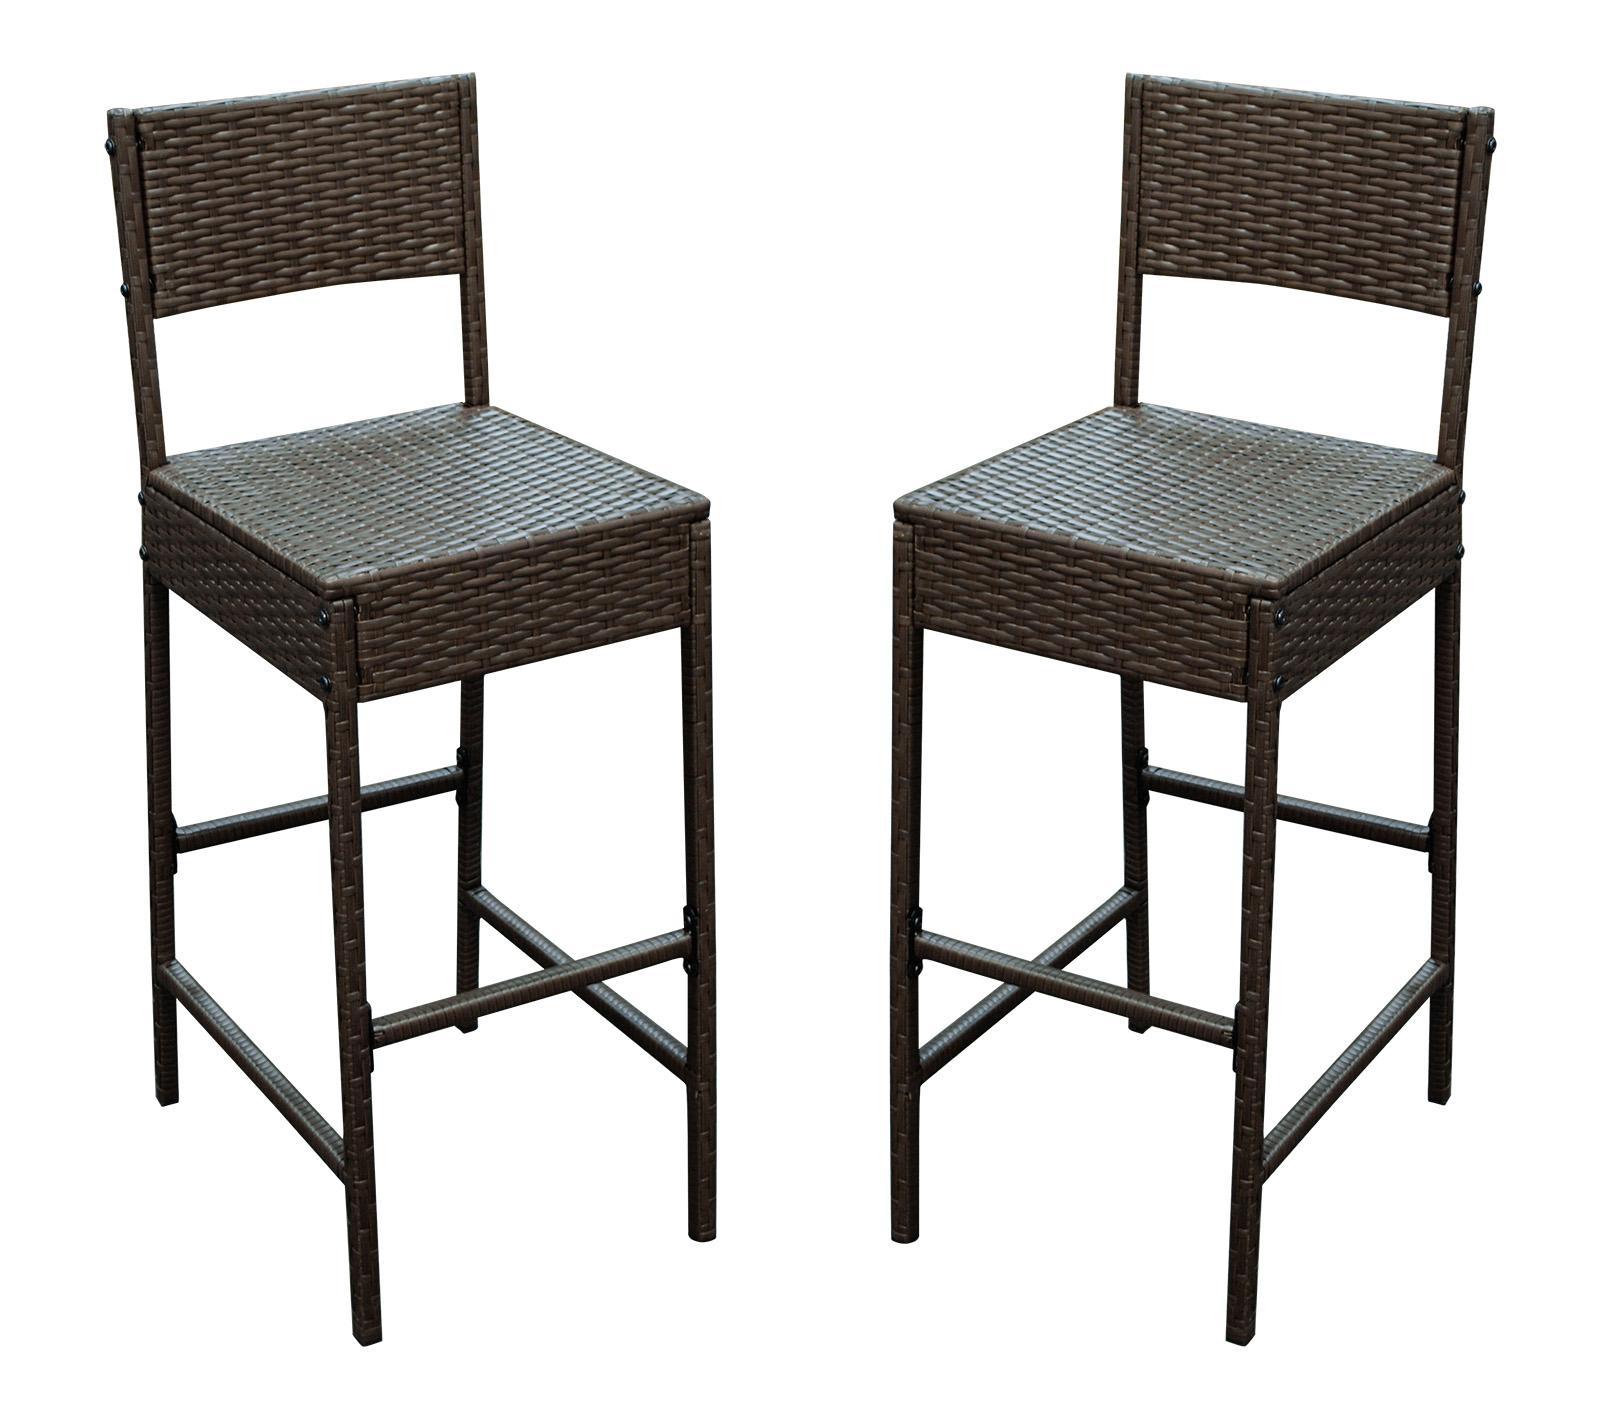 barset 7 teilig bartisch stehtisch barhocker barstuhl set cortina rattan braun ebay. Black Bedroom Furniture Sets. Home Design Ideas